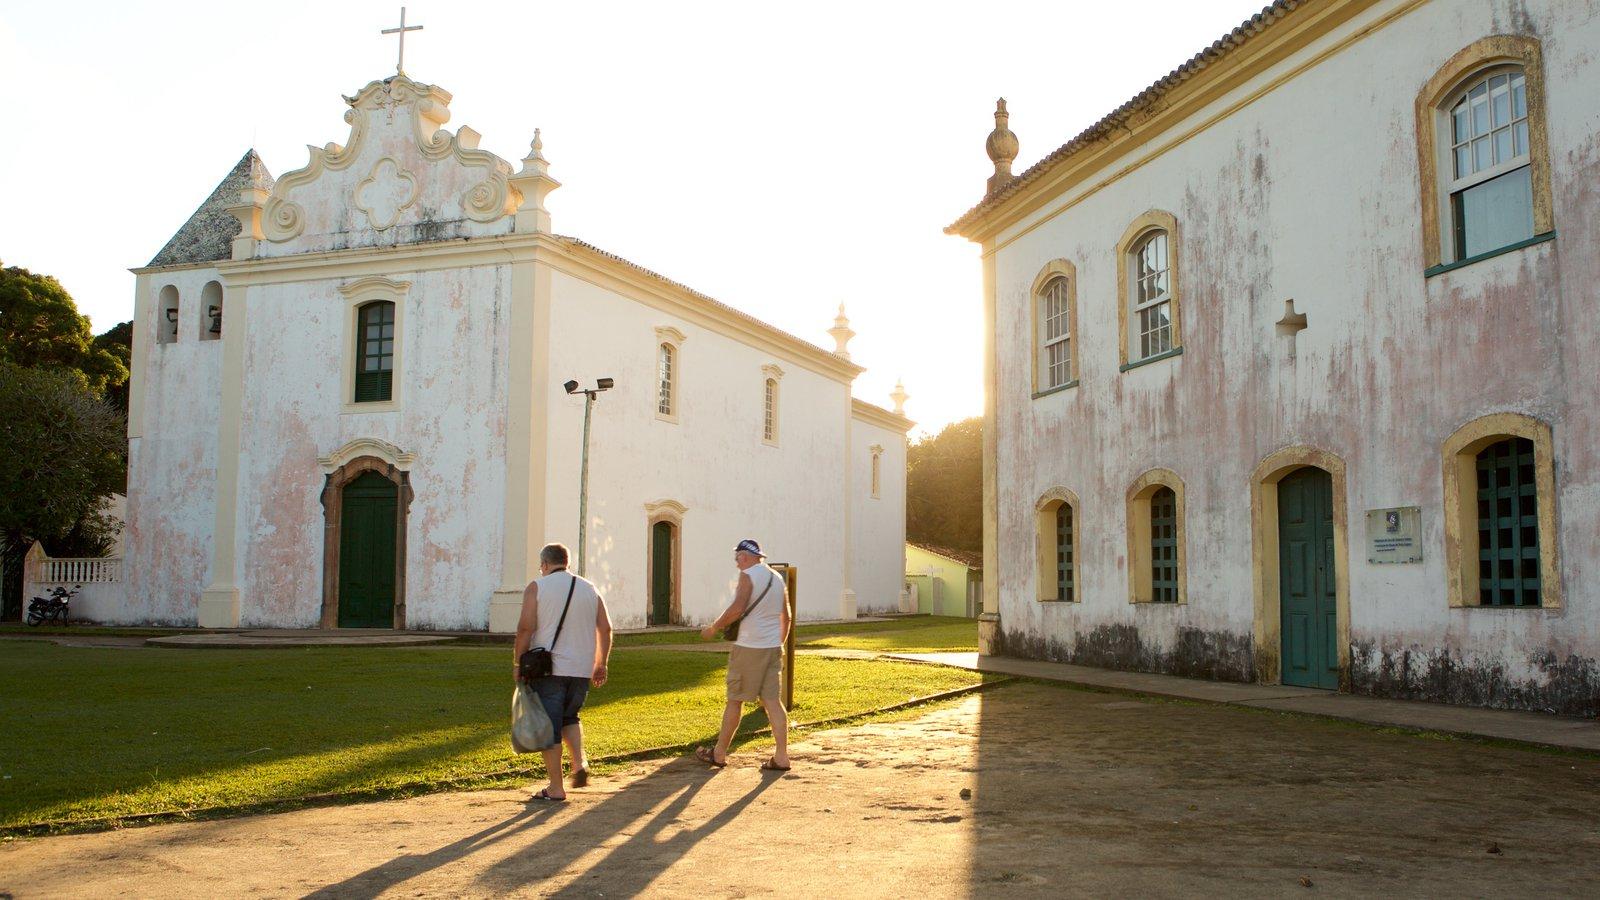 Porto Seguro mostrando elementos de patrimônio e uma igreja ou catedral assim como um pequeno grupo de pessoas